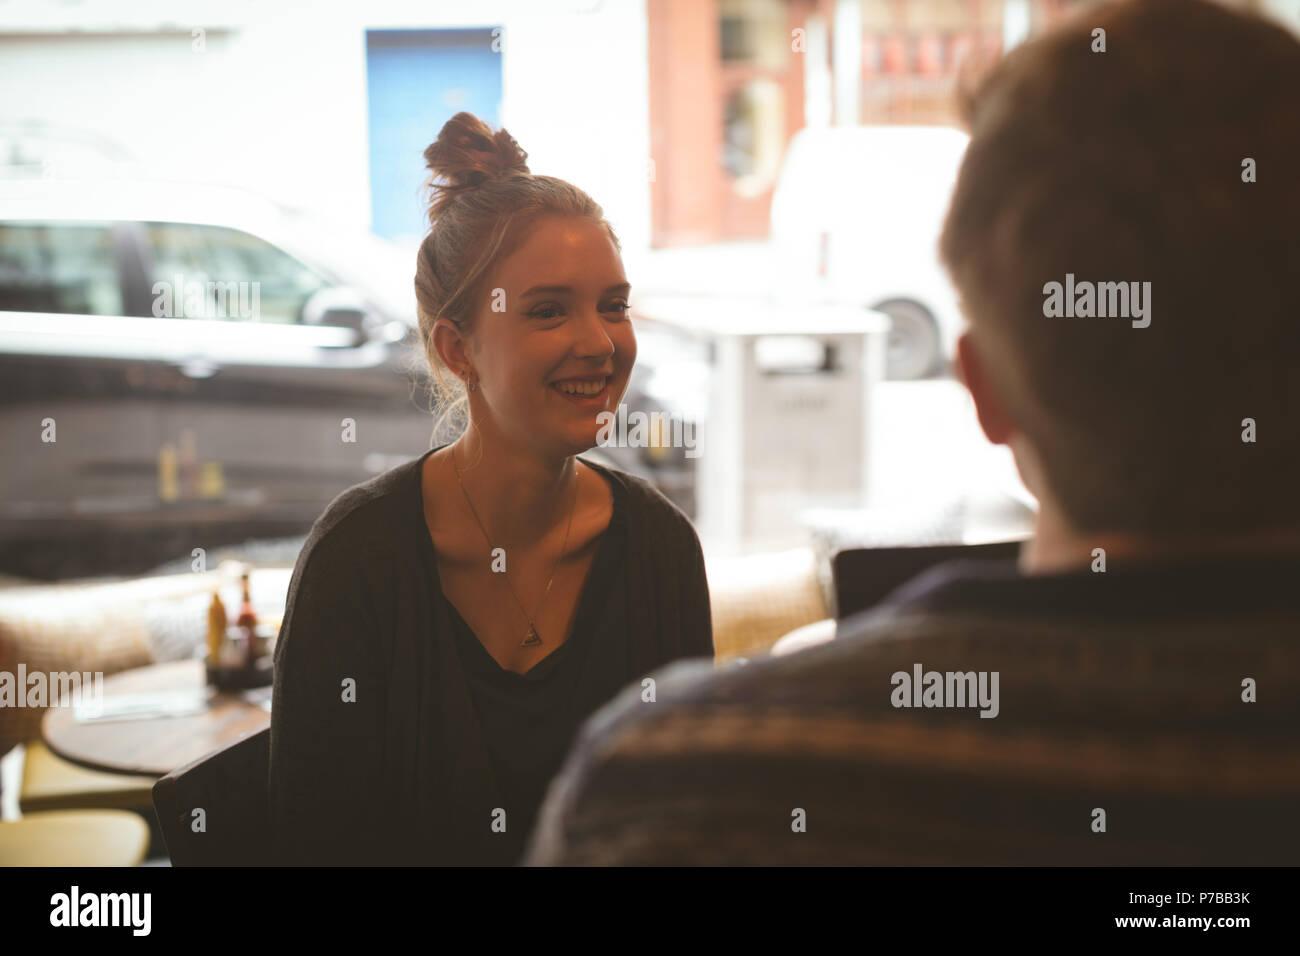 Mujer hablando al hombre en la cafetería Imagen De Stock